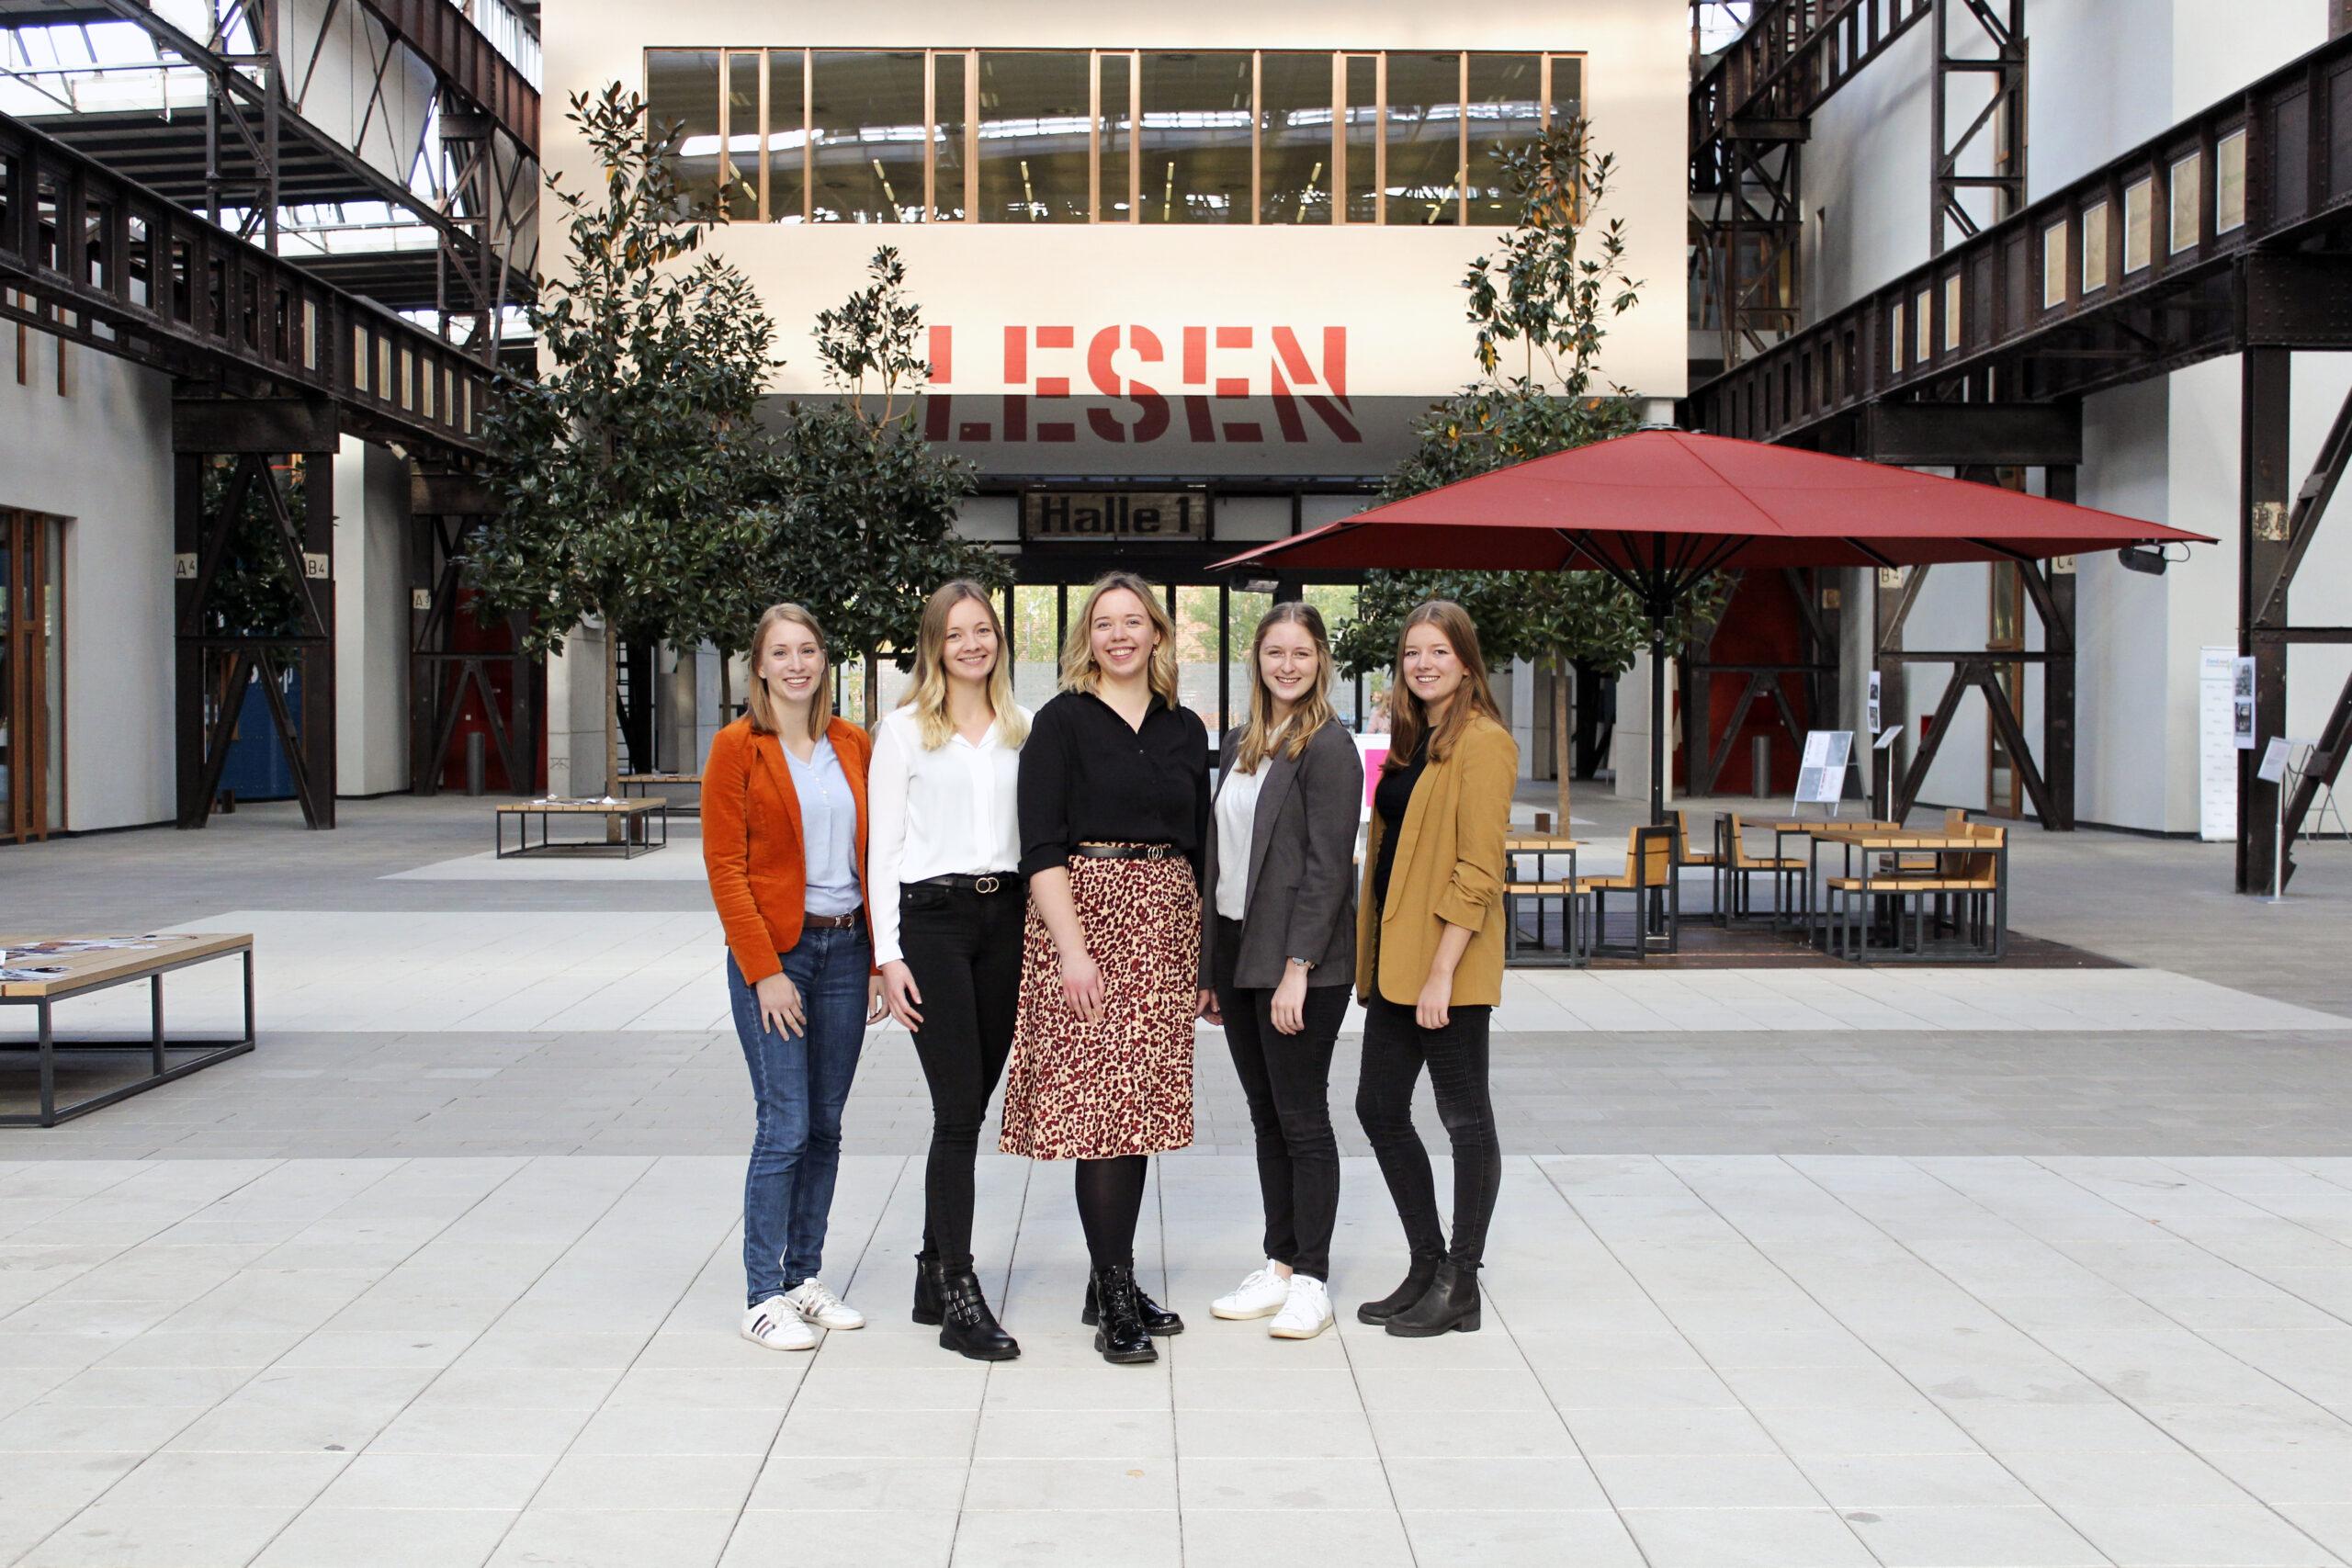 (v.l) Sara Gust (ehm. Finanzvorständin), Christin Markus (2. stellv. Vorsitzende), Thea Bühner (Vorsitzende), Wiebke Neyrat (3. stellv. Vorsitzende) und Louisa Windbrake (stellv. Vorsitzende)